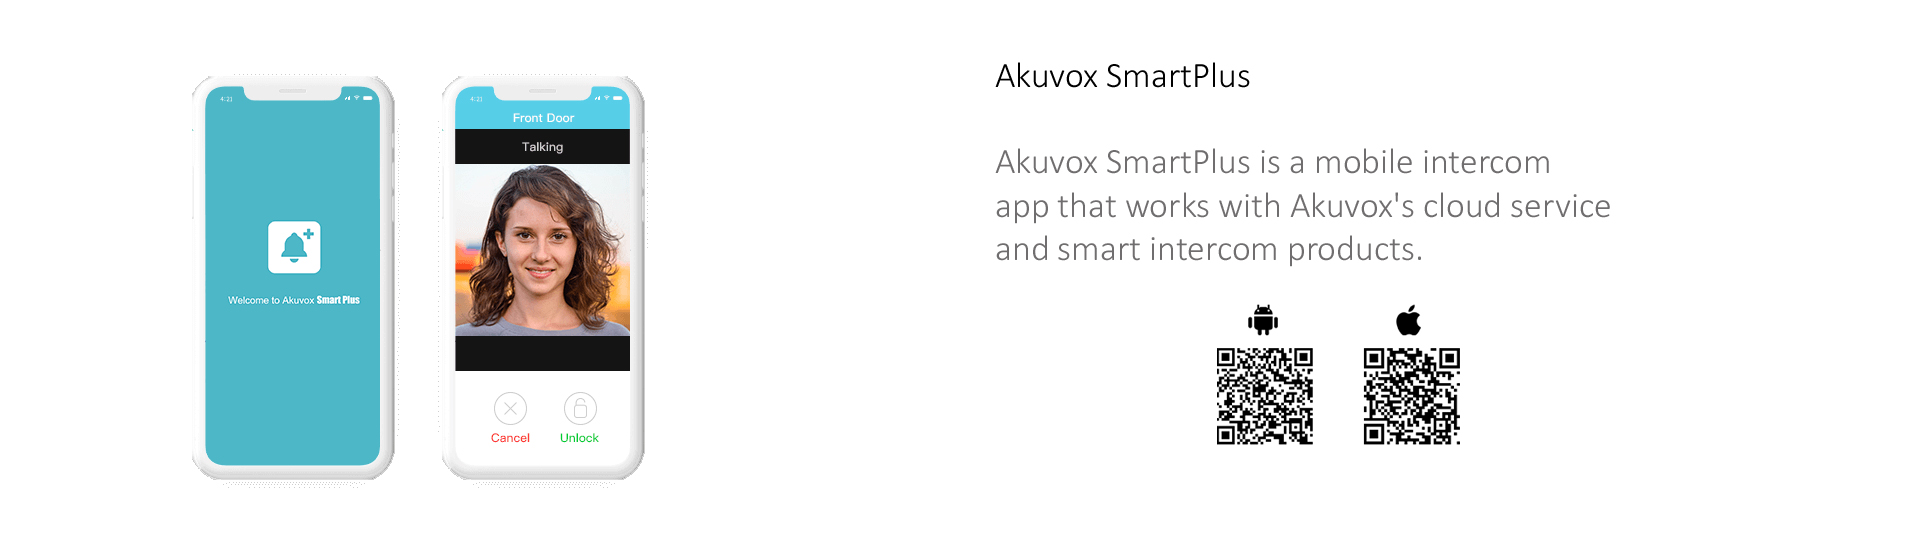 akuvox mobile-1